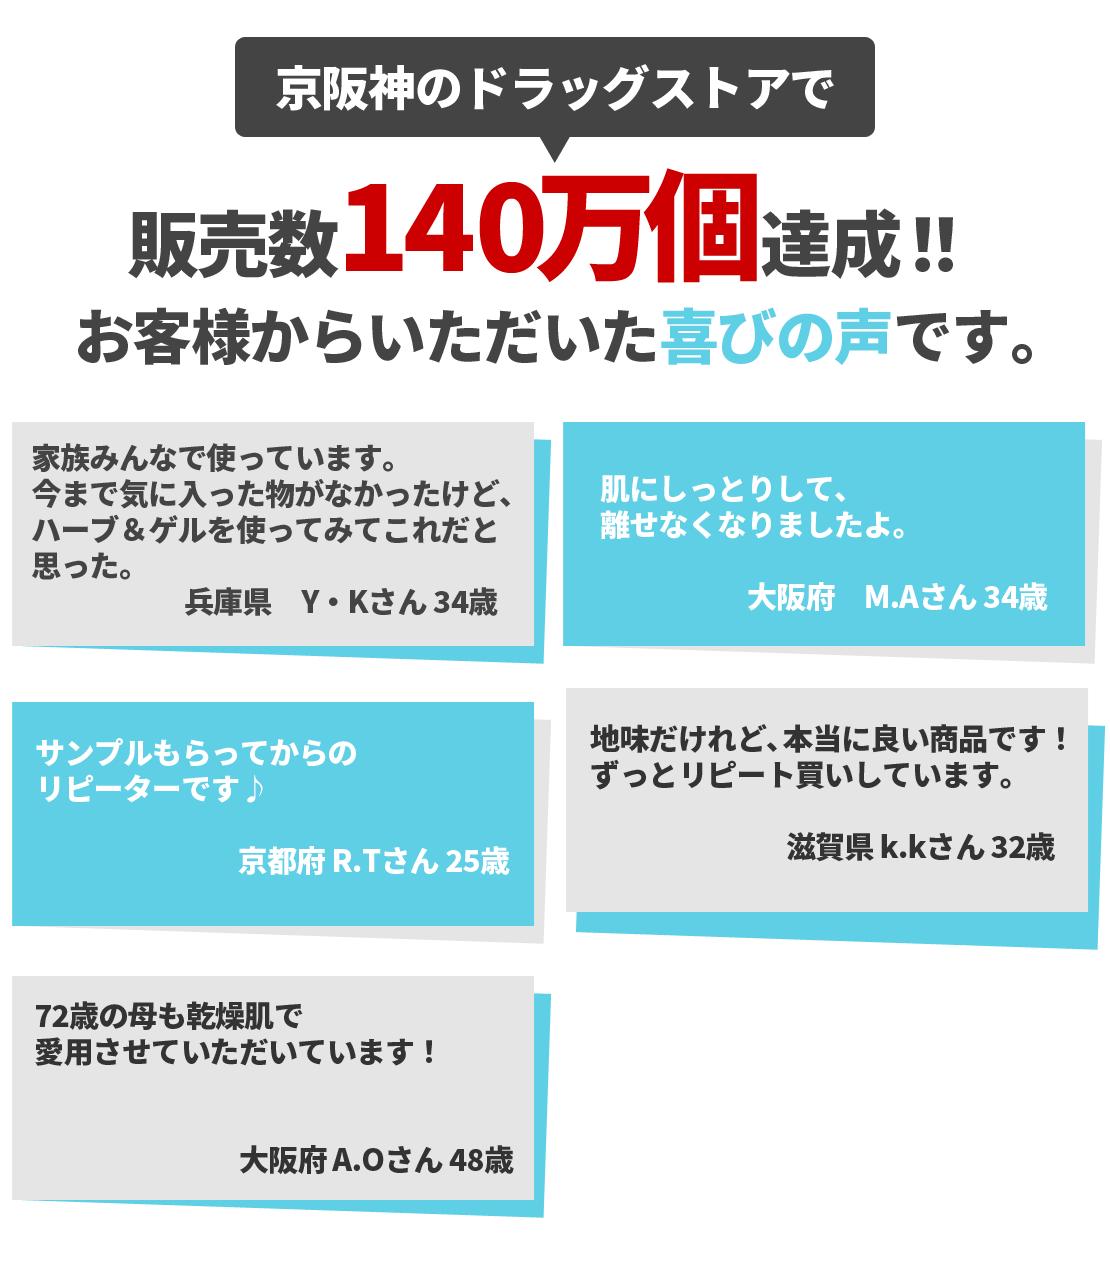 京阪神のドラッグストアで販売数140万個達成!お客様からいただいた喜びの声